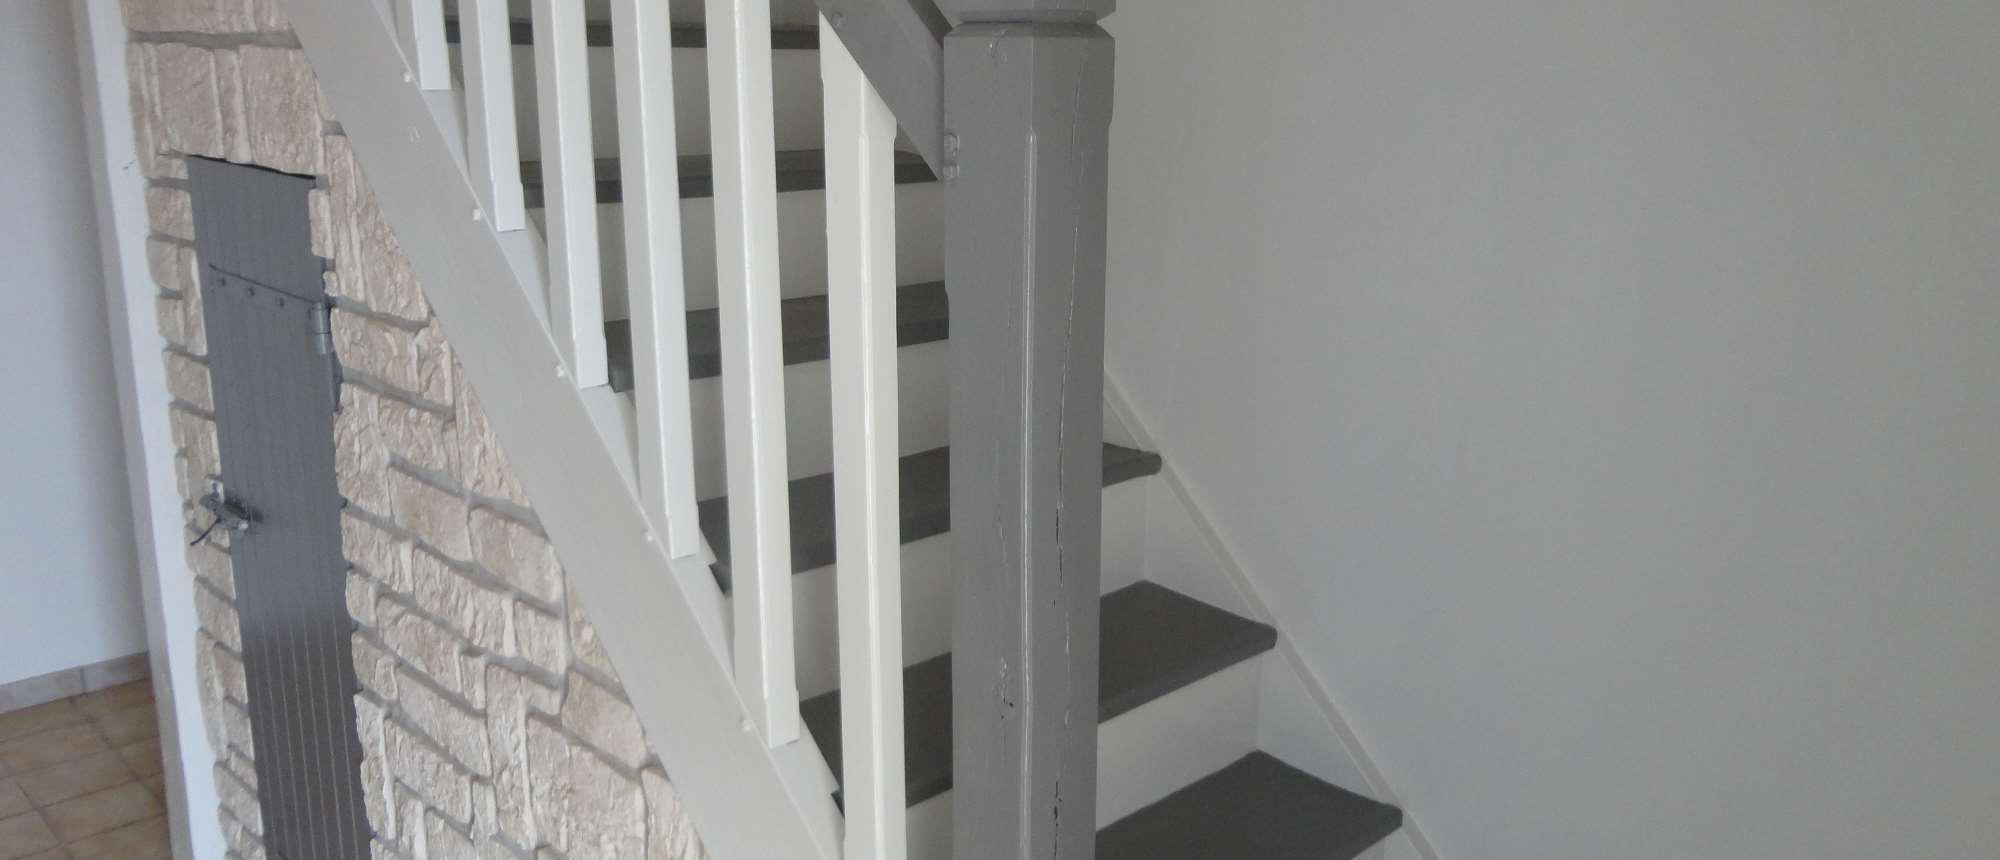 Parquet orl ans fr d ric peinture bois dalles planches for Peinture parquet